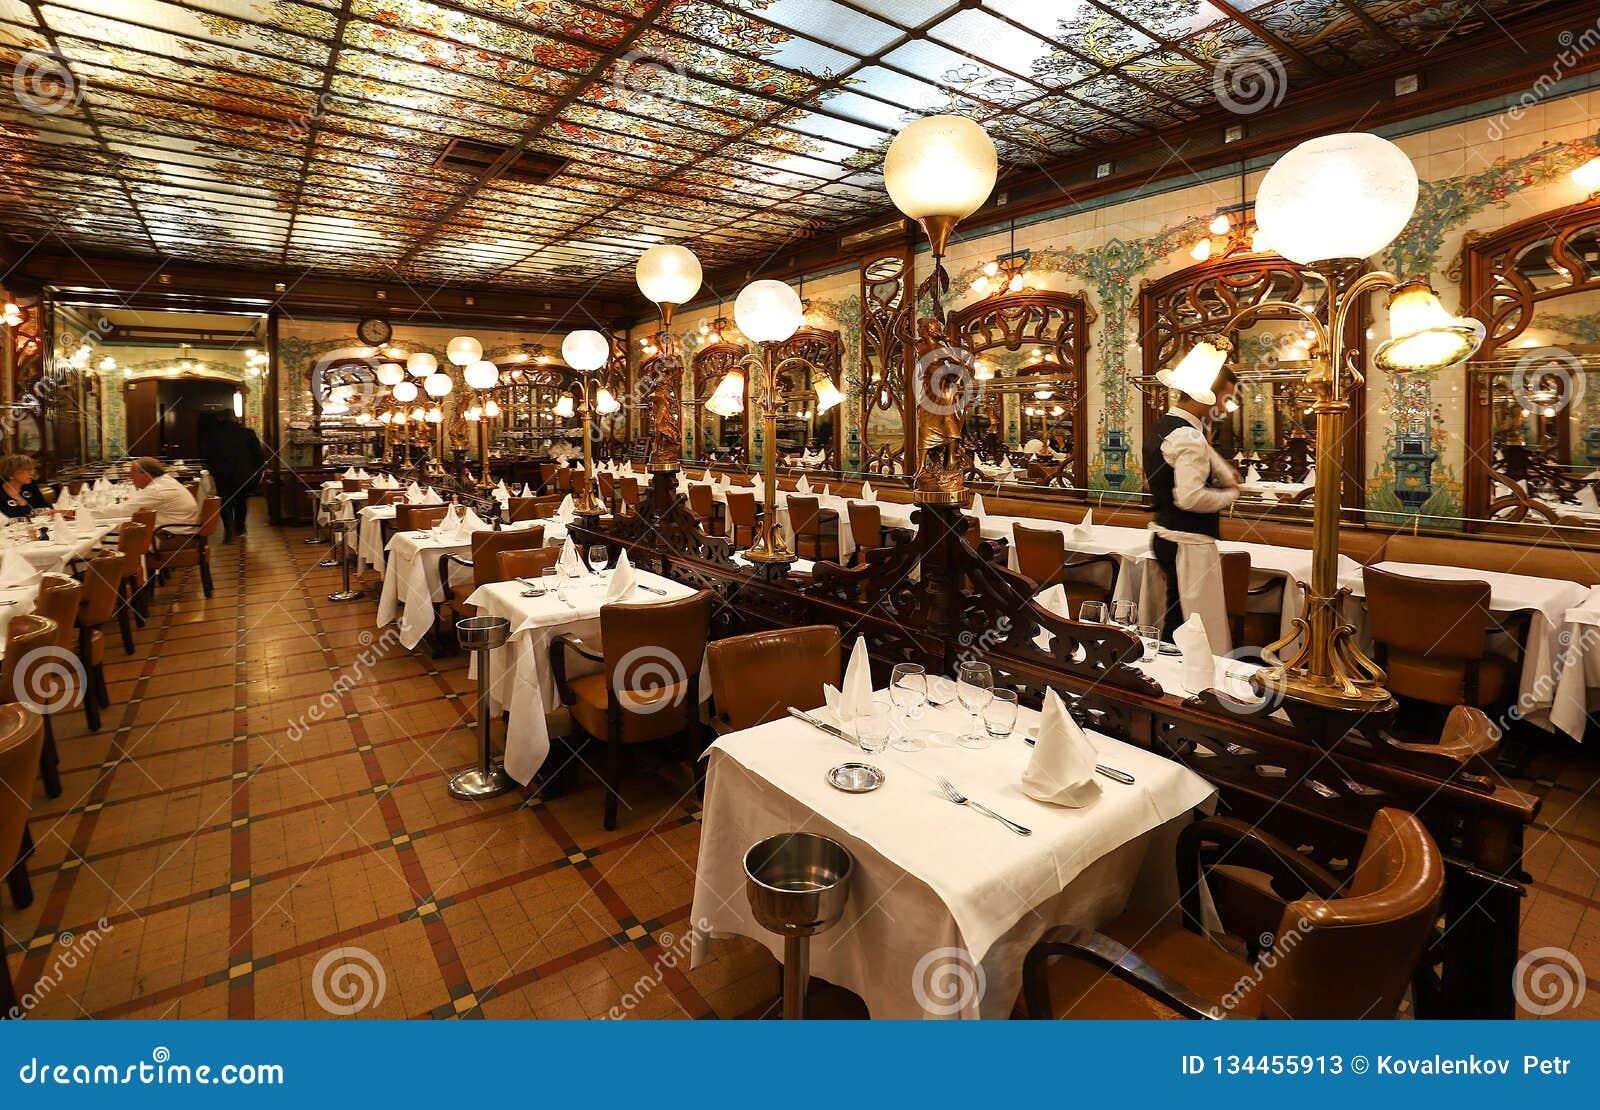 Montparnasse is historical restaurant located in montparnasse